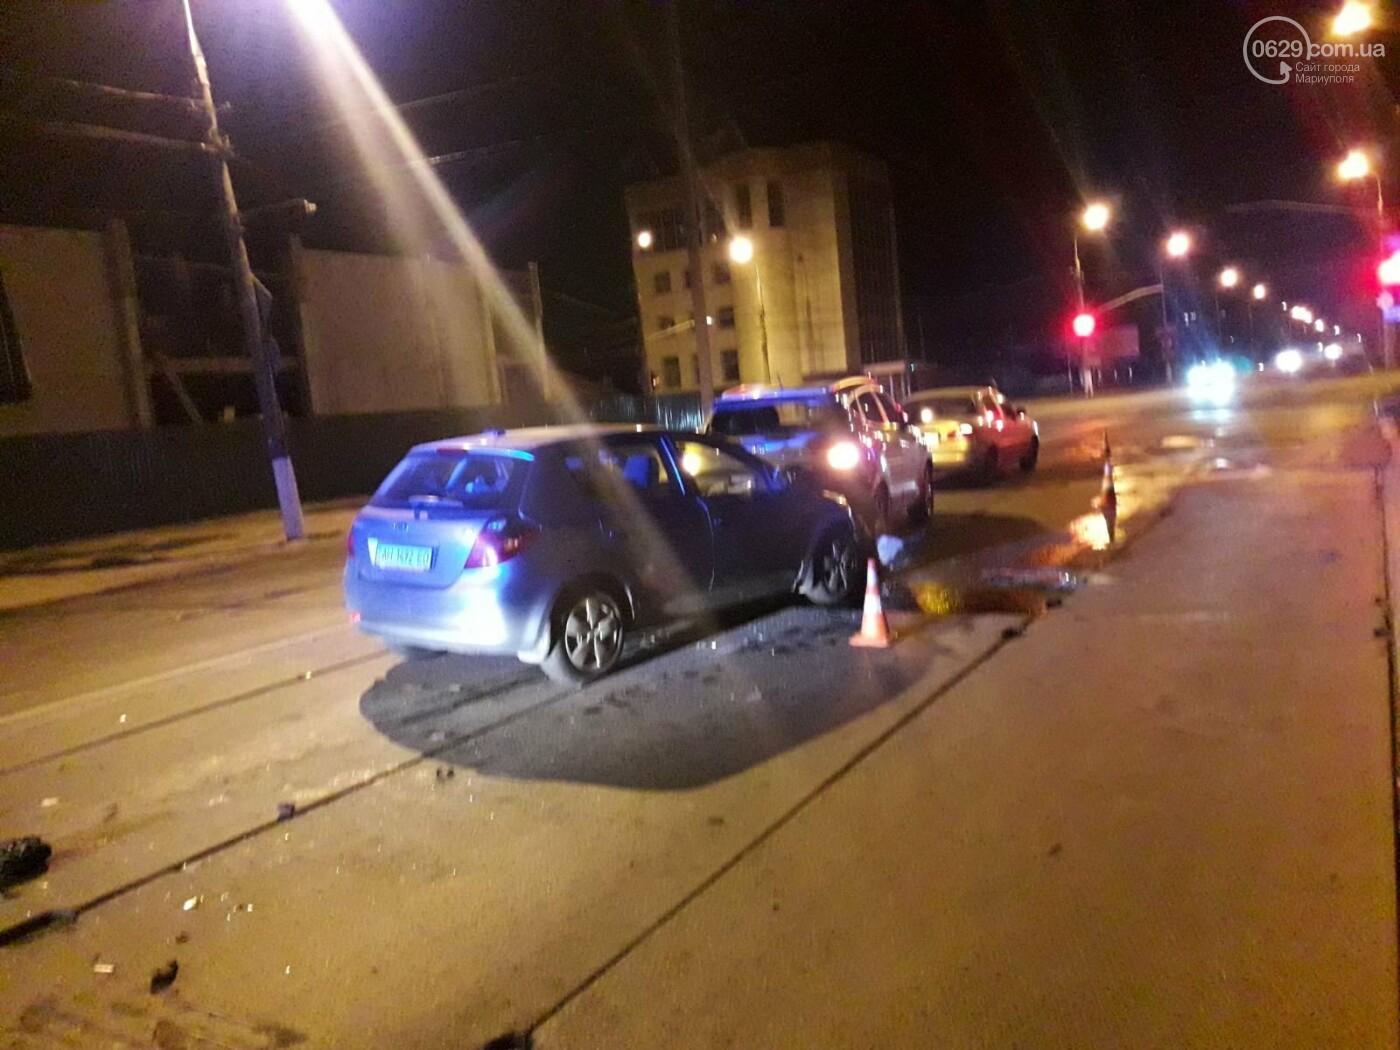 """Тройное ДТП в Мариуполе. Пьяный на """"КИА"""" протаранил два автомобиля, - ФОТО, фото-3"""